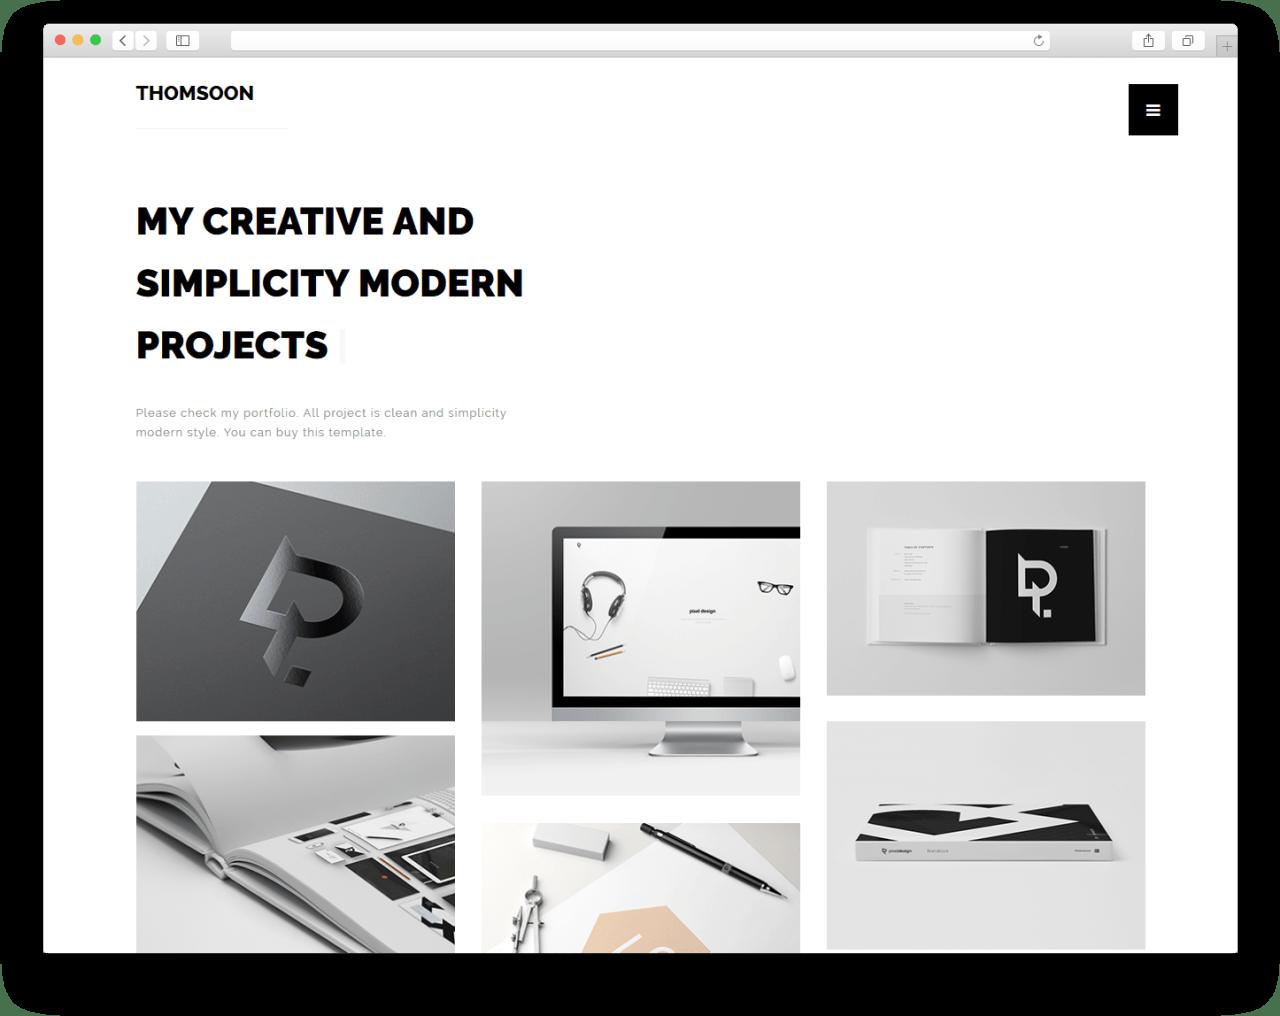 THOMSOON | Многоцелевой веб-сайт с минималистичным дизайном и адаптивной версткой